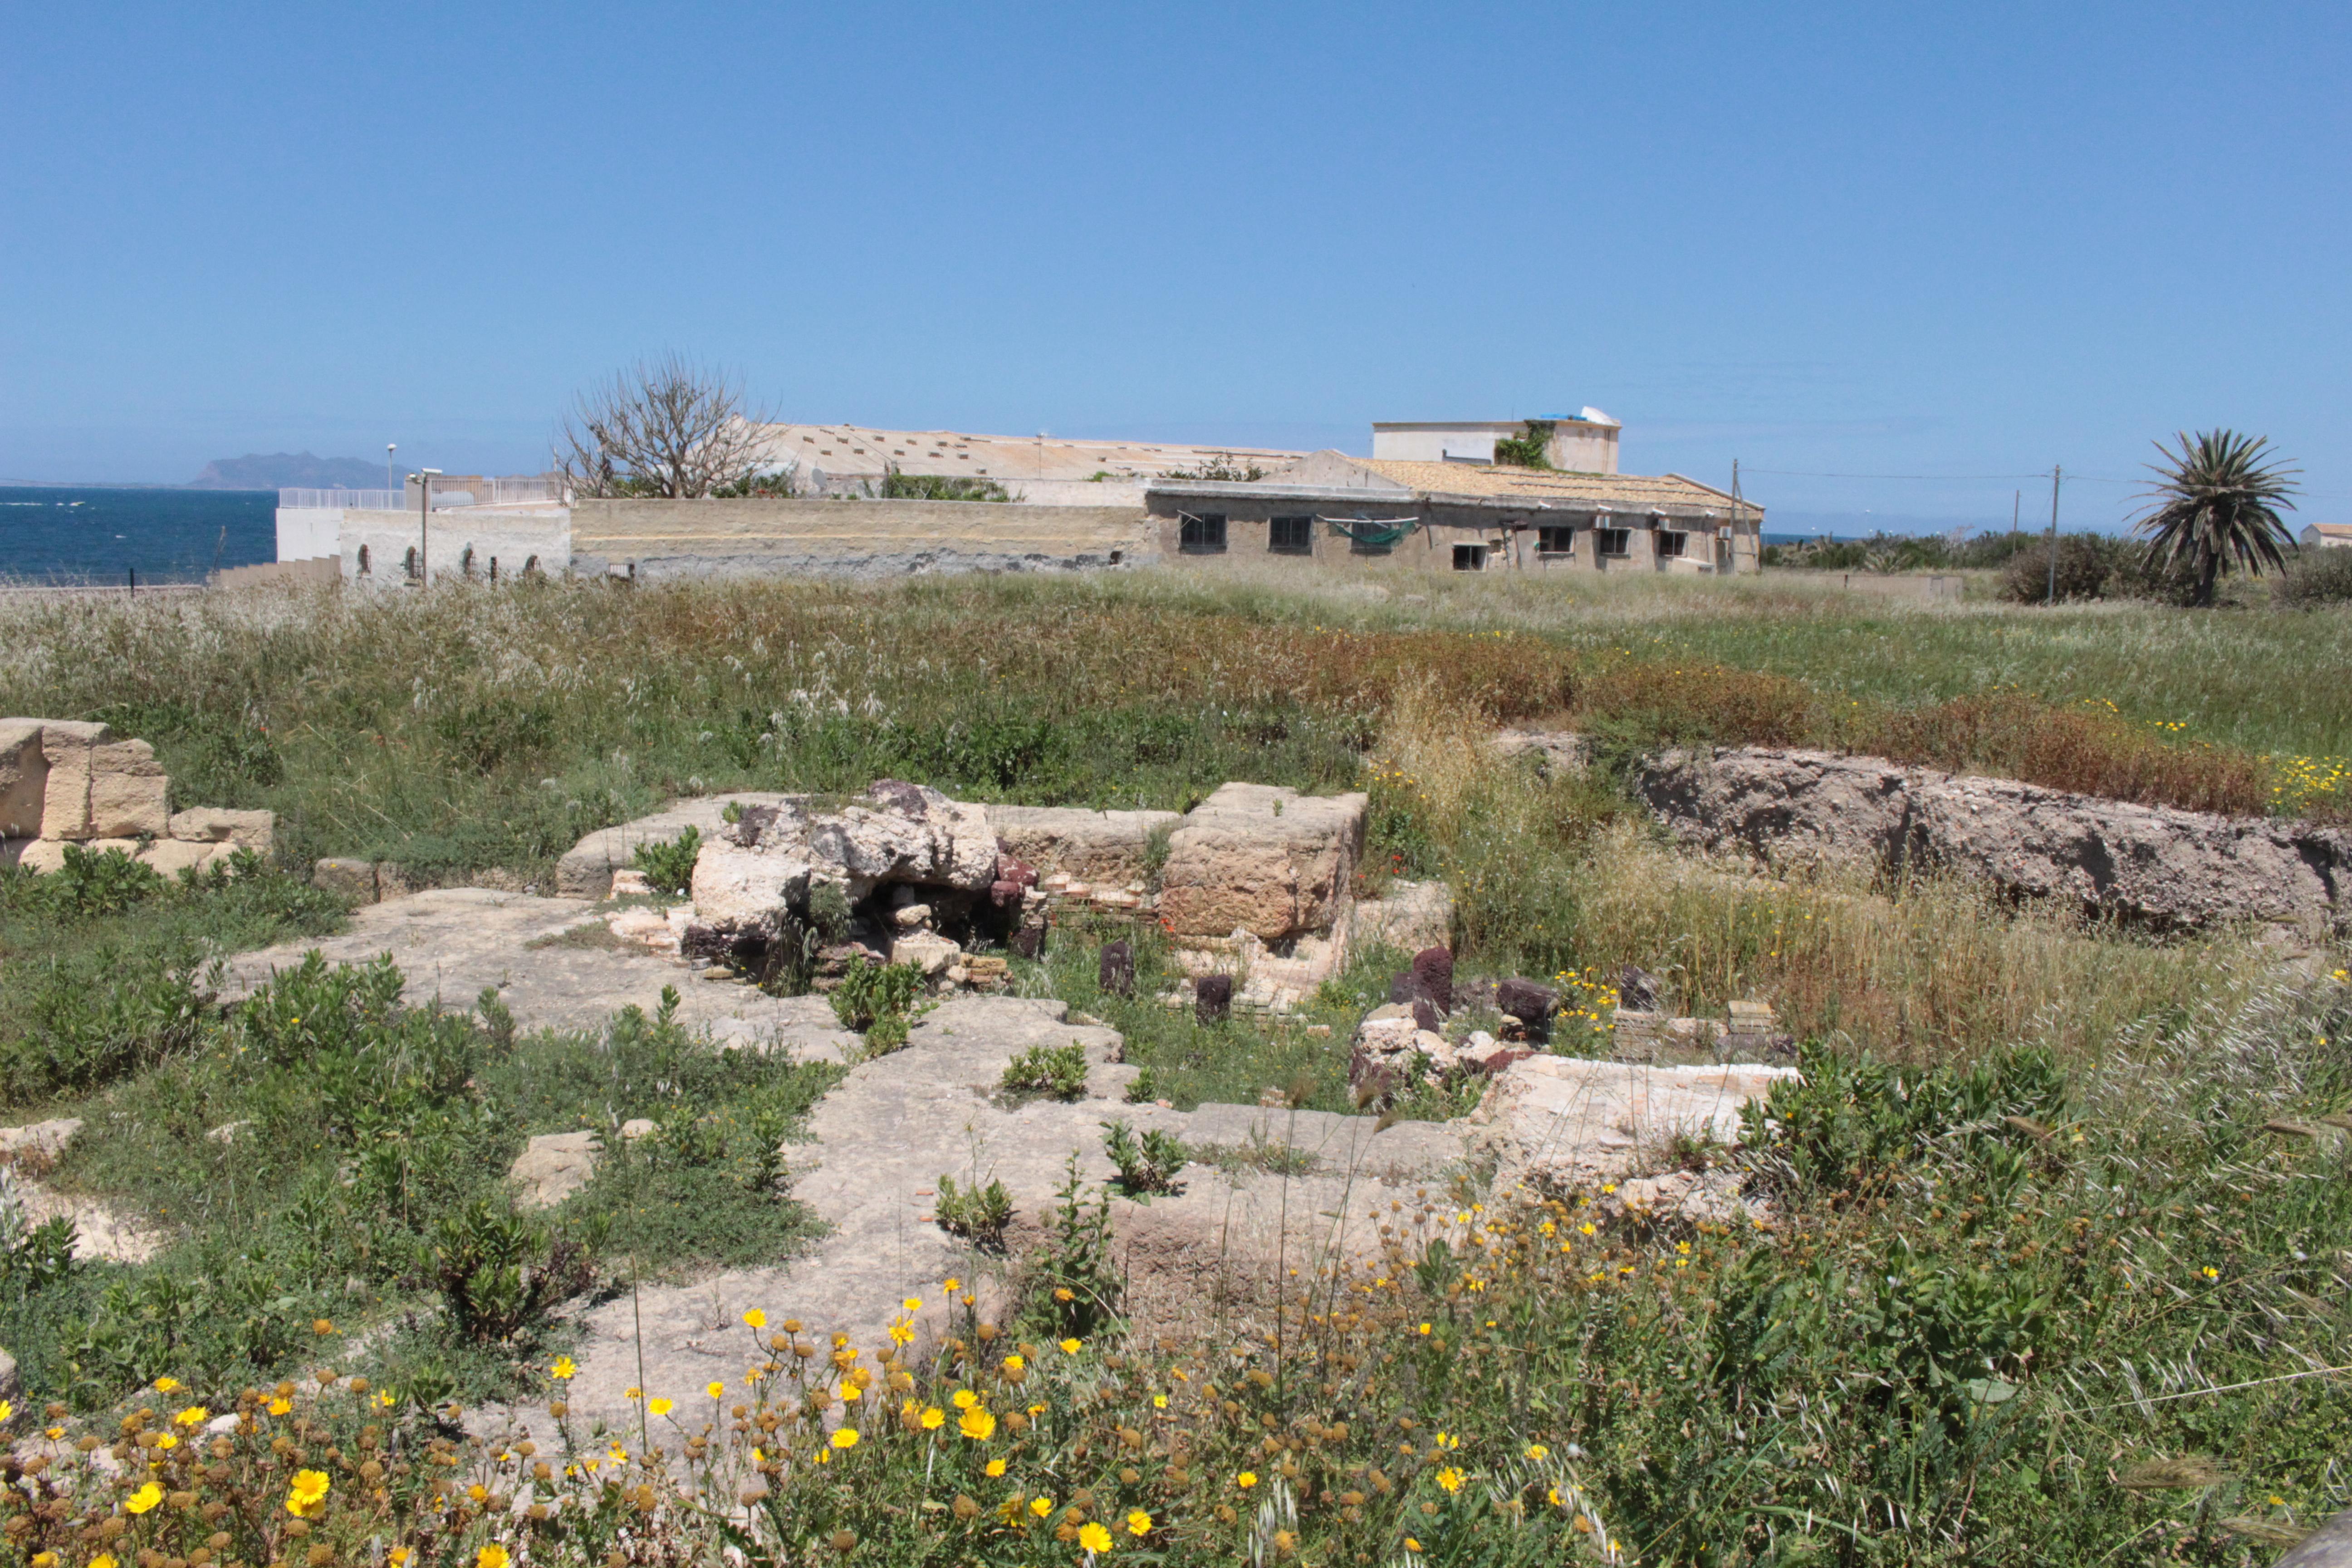 parco archeologico sommerso da erbacce